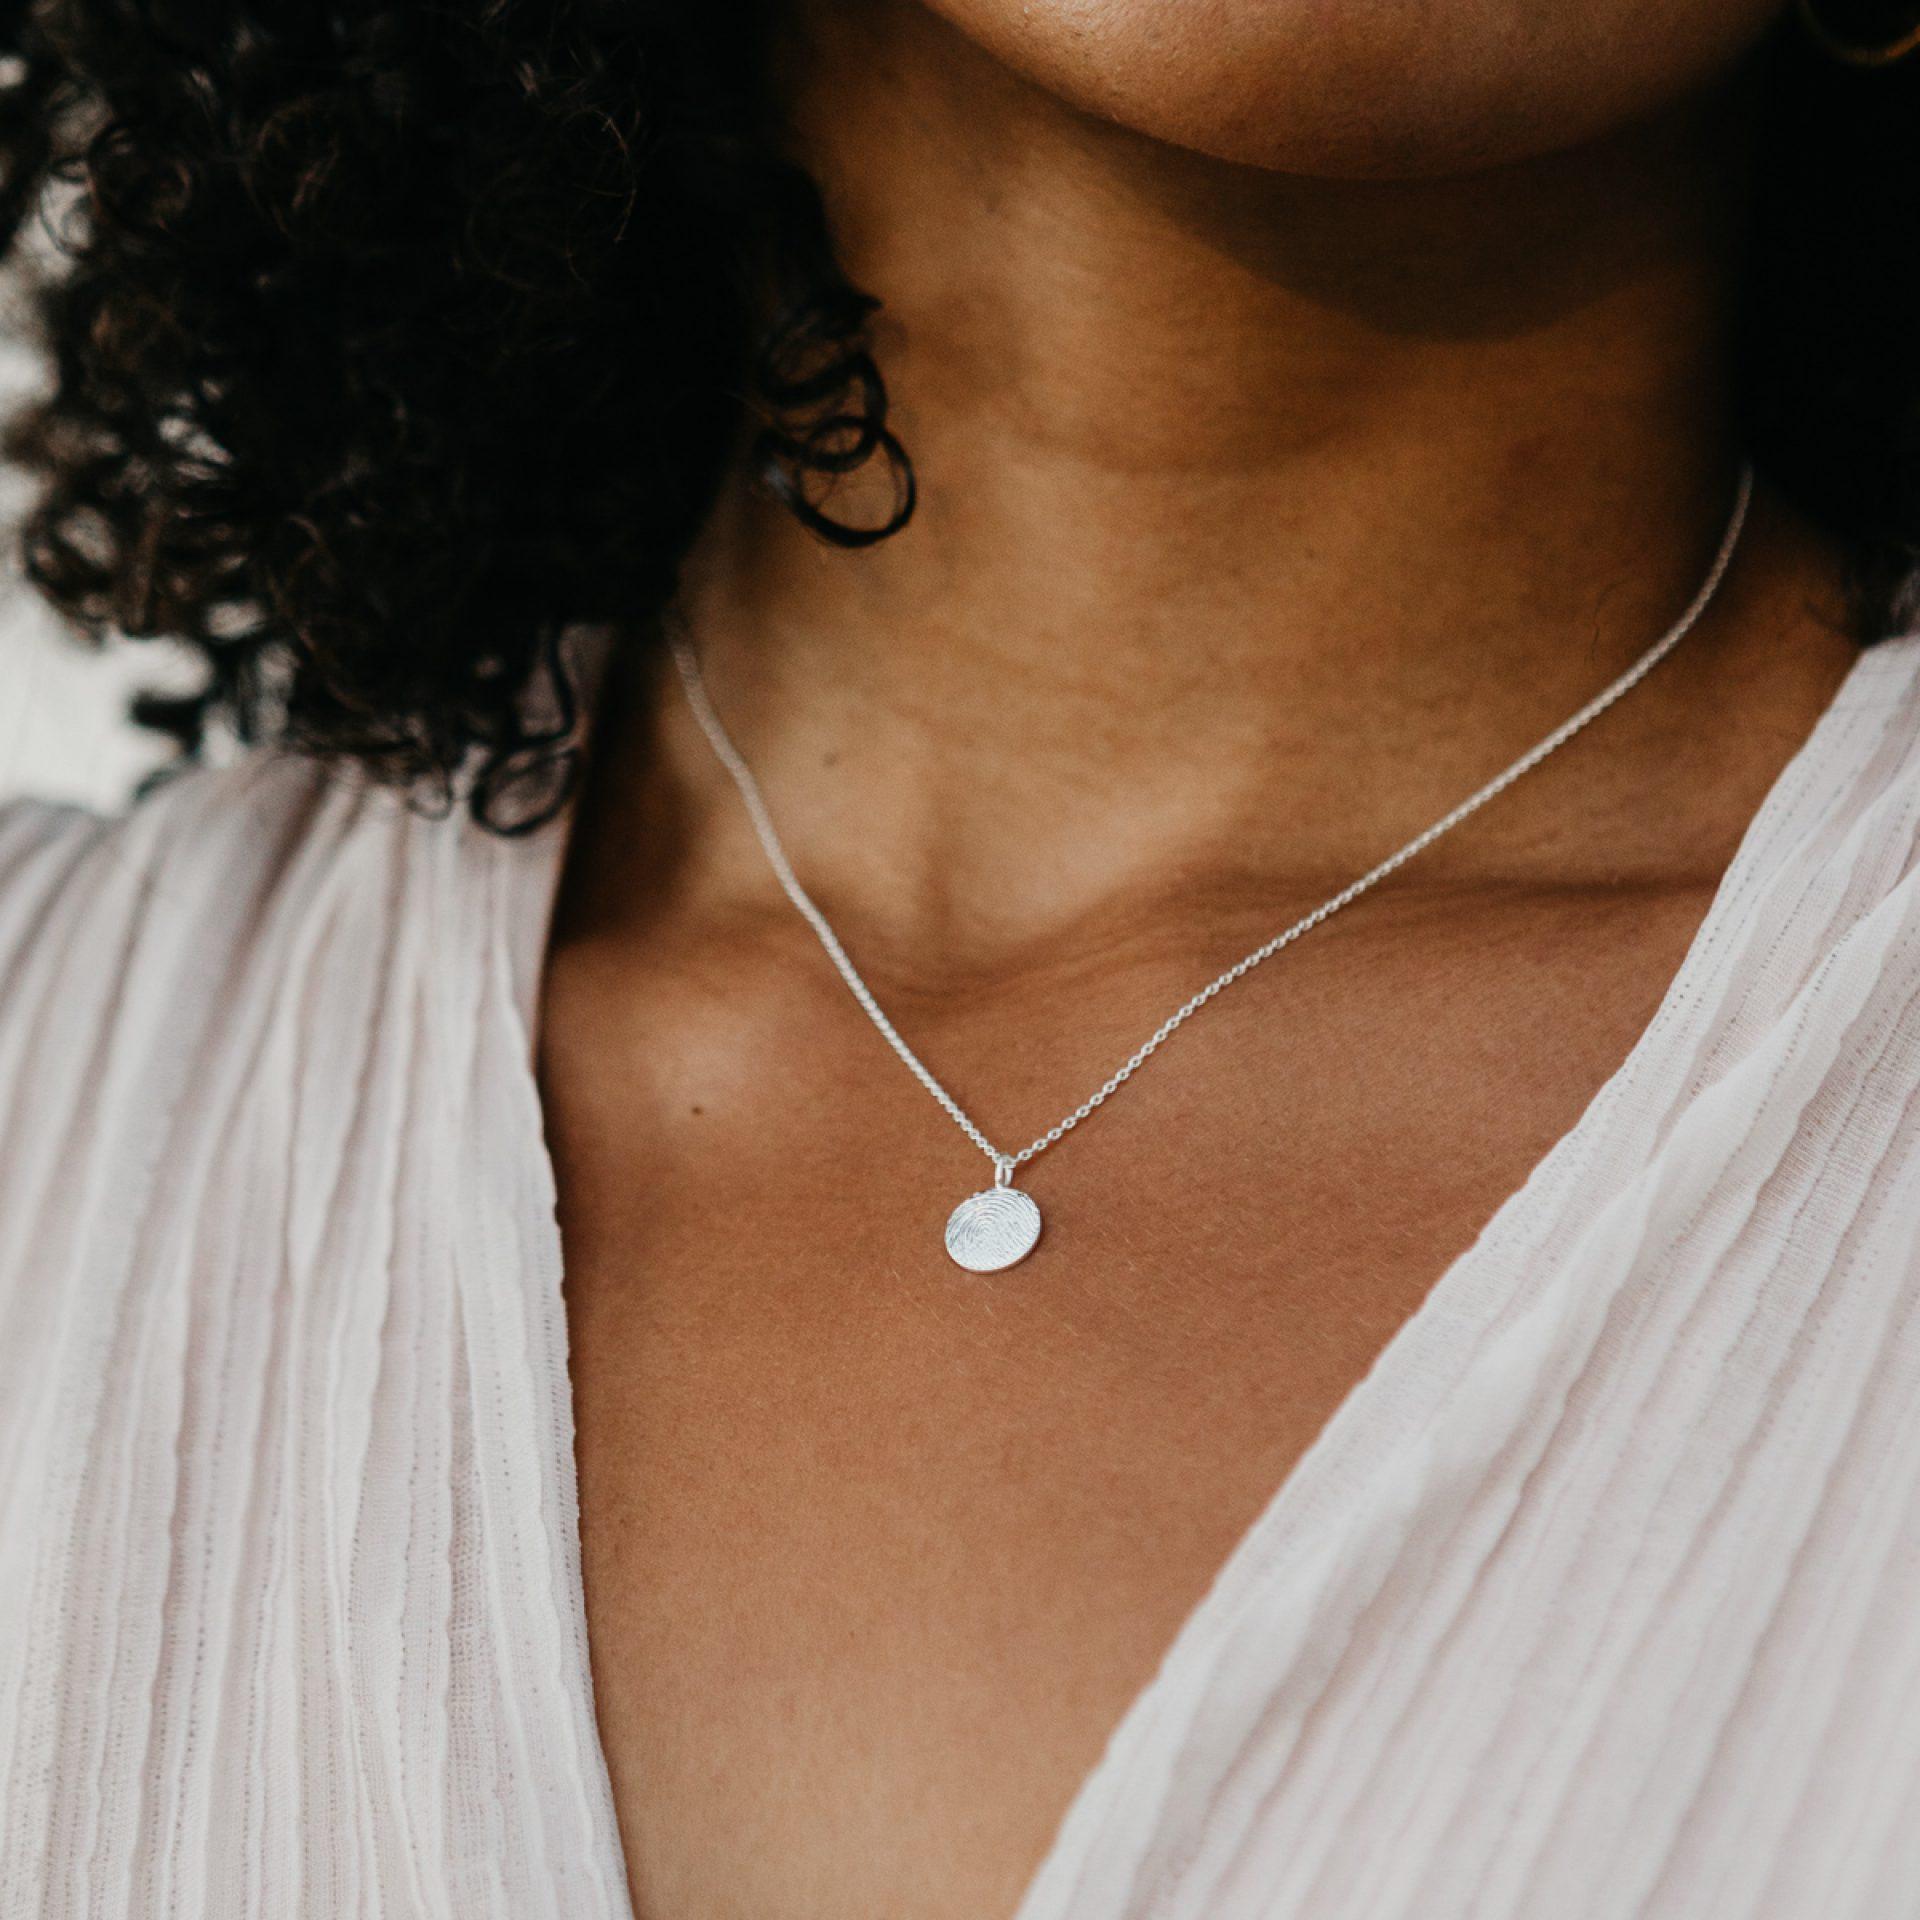 Silber Halskette mit Fingerabdruck Fingerprint Anhänger Hochzeit Partnerkette